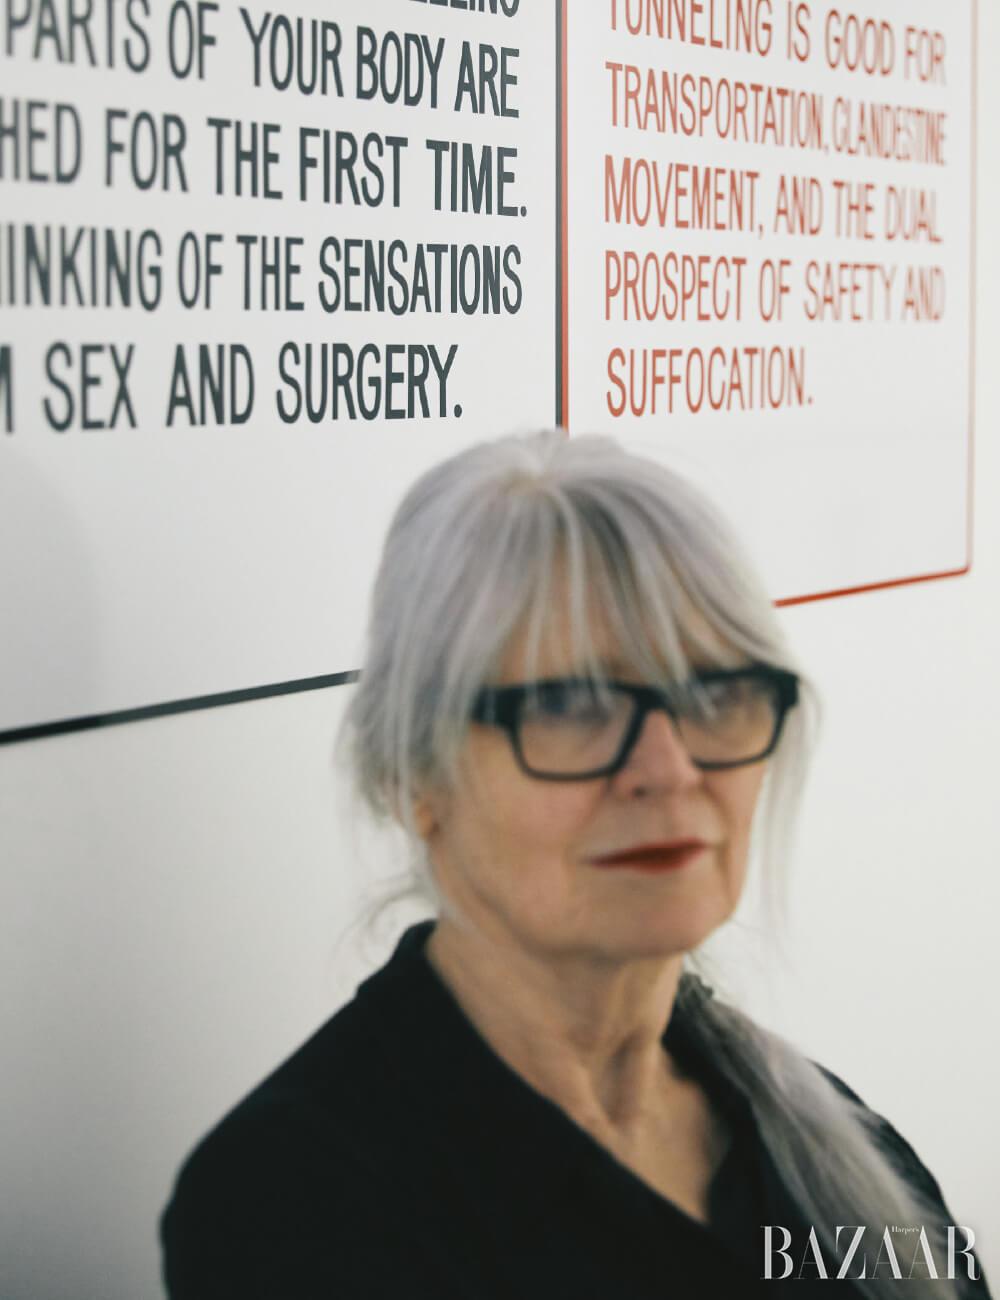 벽면에 보이는 작품은 제니 홀저의  시리즈.